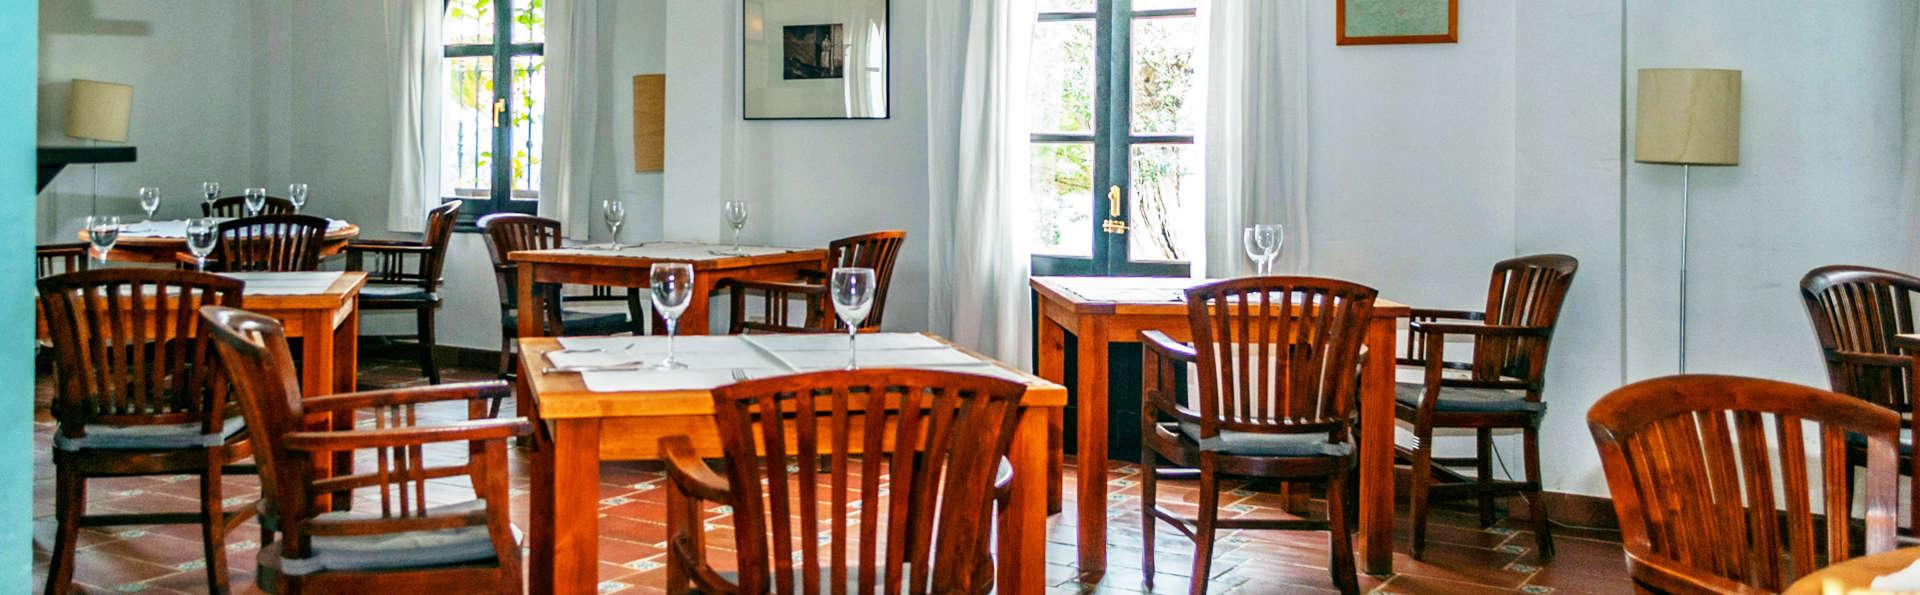 Dîner gastronomique à l'hôtel Cerro de Hijar à Tolox